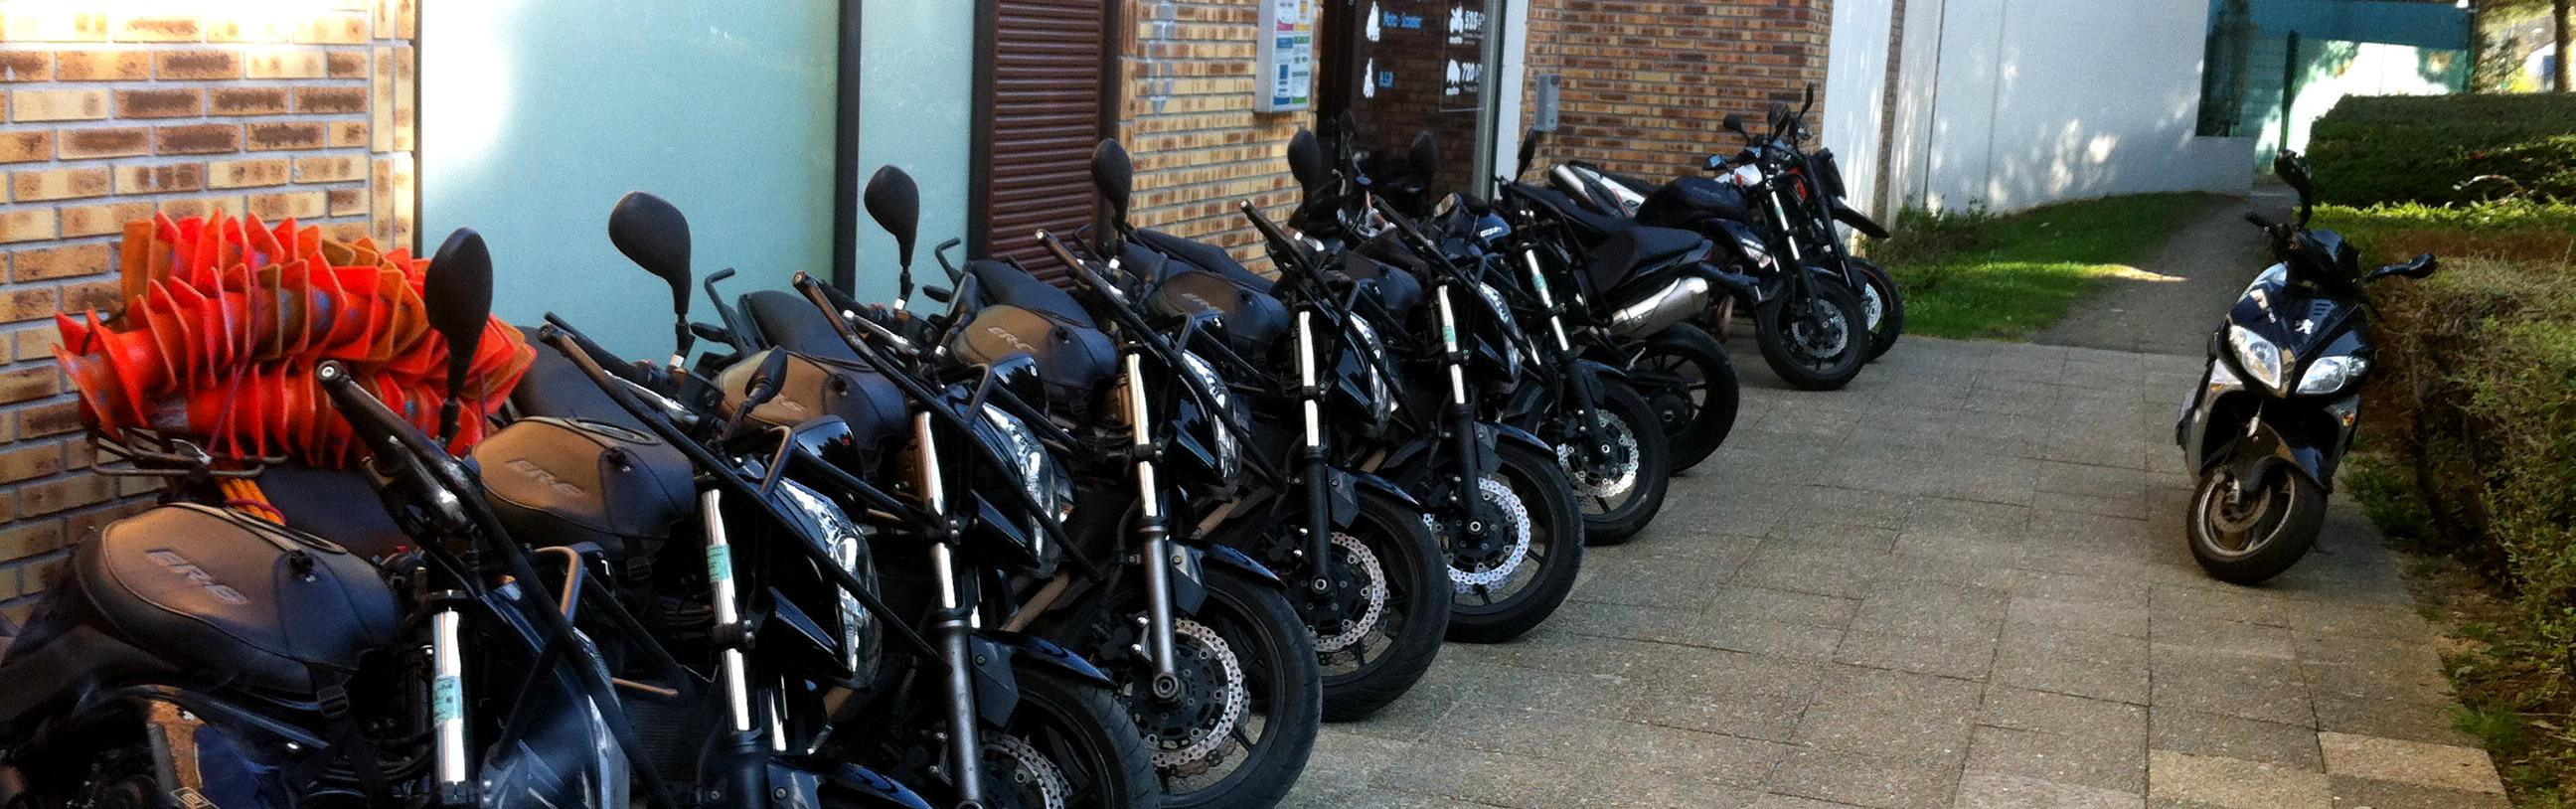 er6 permis moto 2013 val de marne